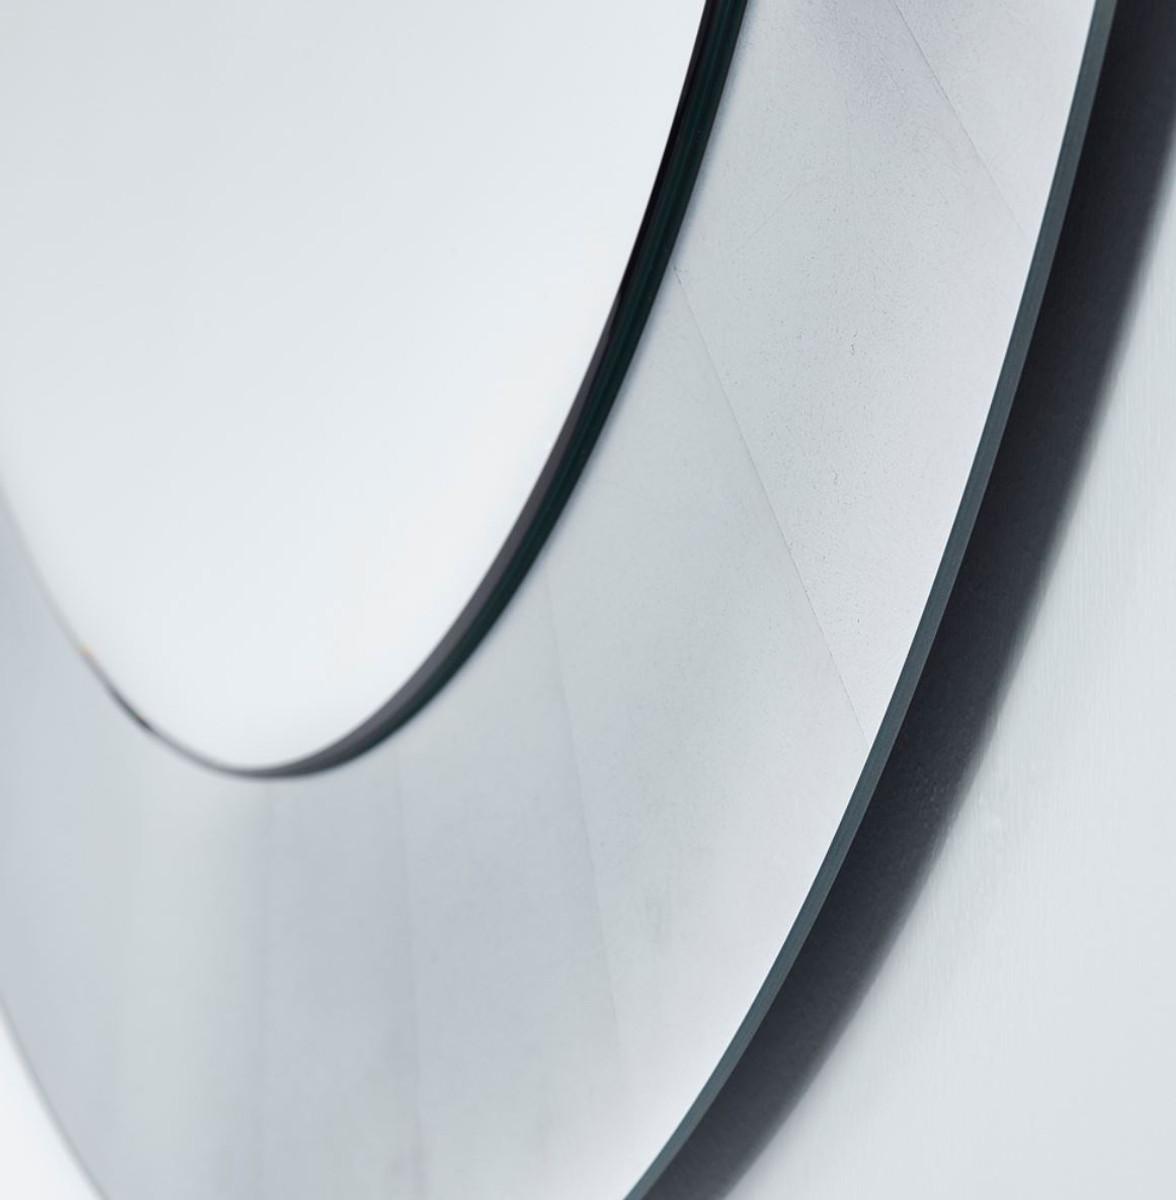 Casa padrino wohnzimmer spiegel silber 110 cm luxus - Wohnzimmer spiegel silber ...